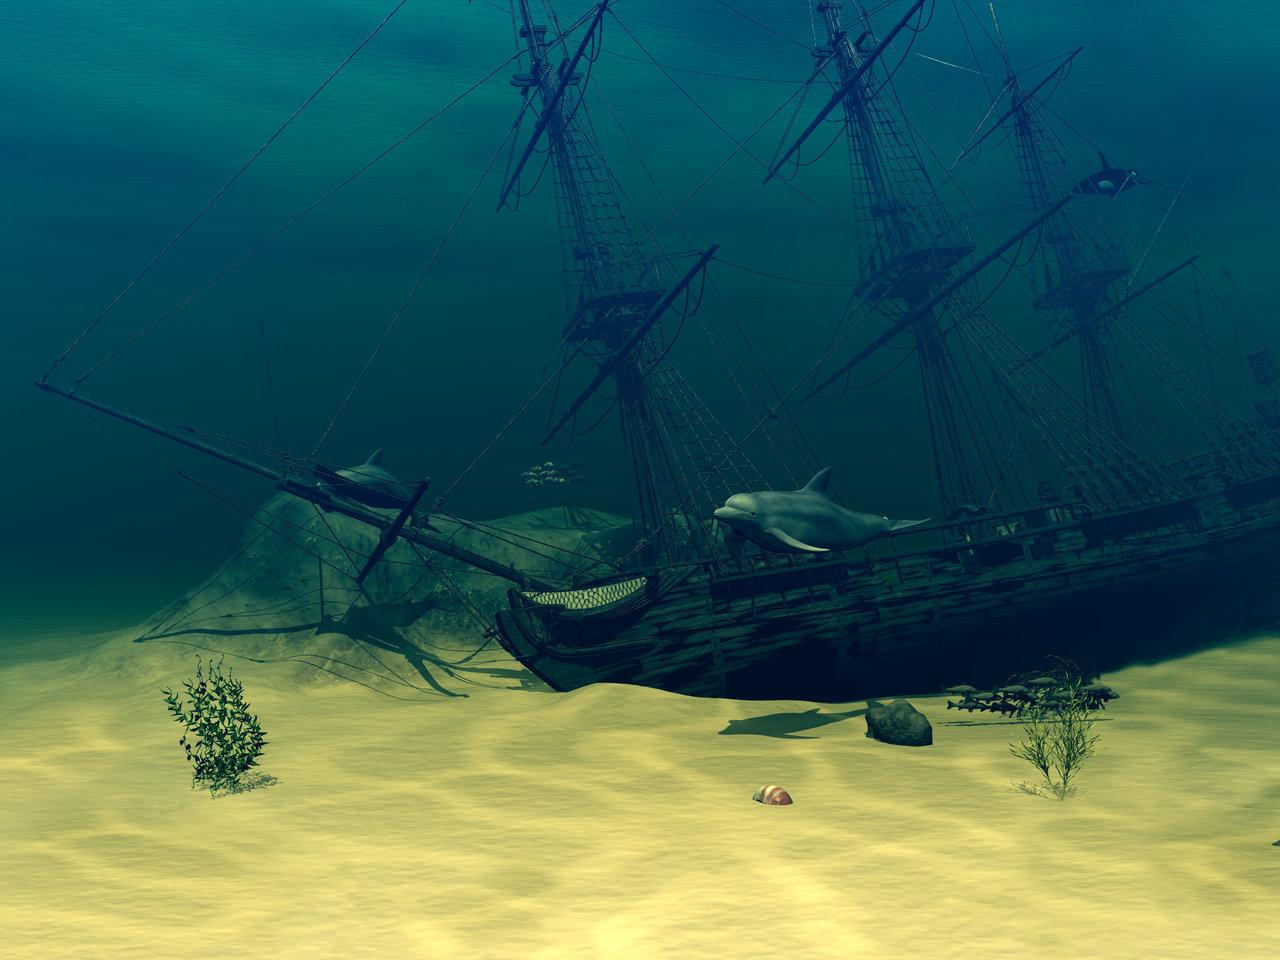 картинка затонувшие корабли автор сайта